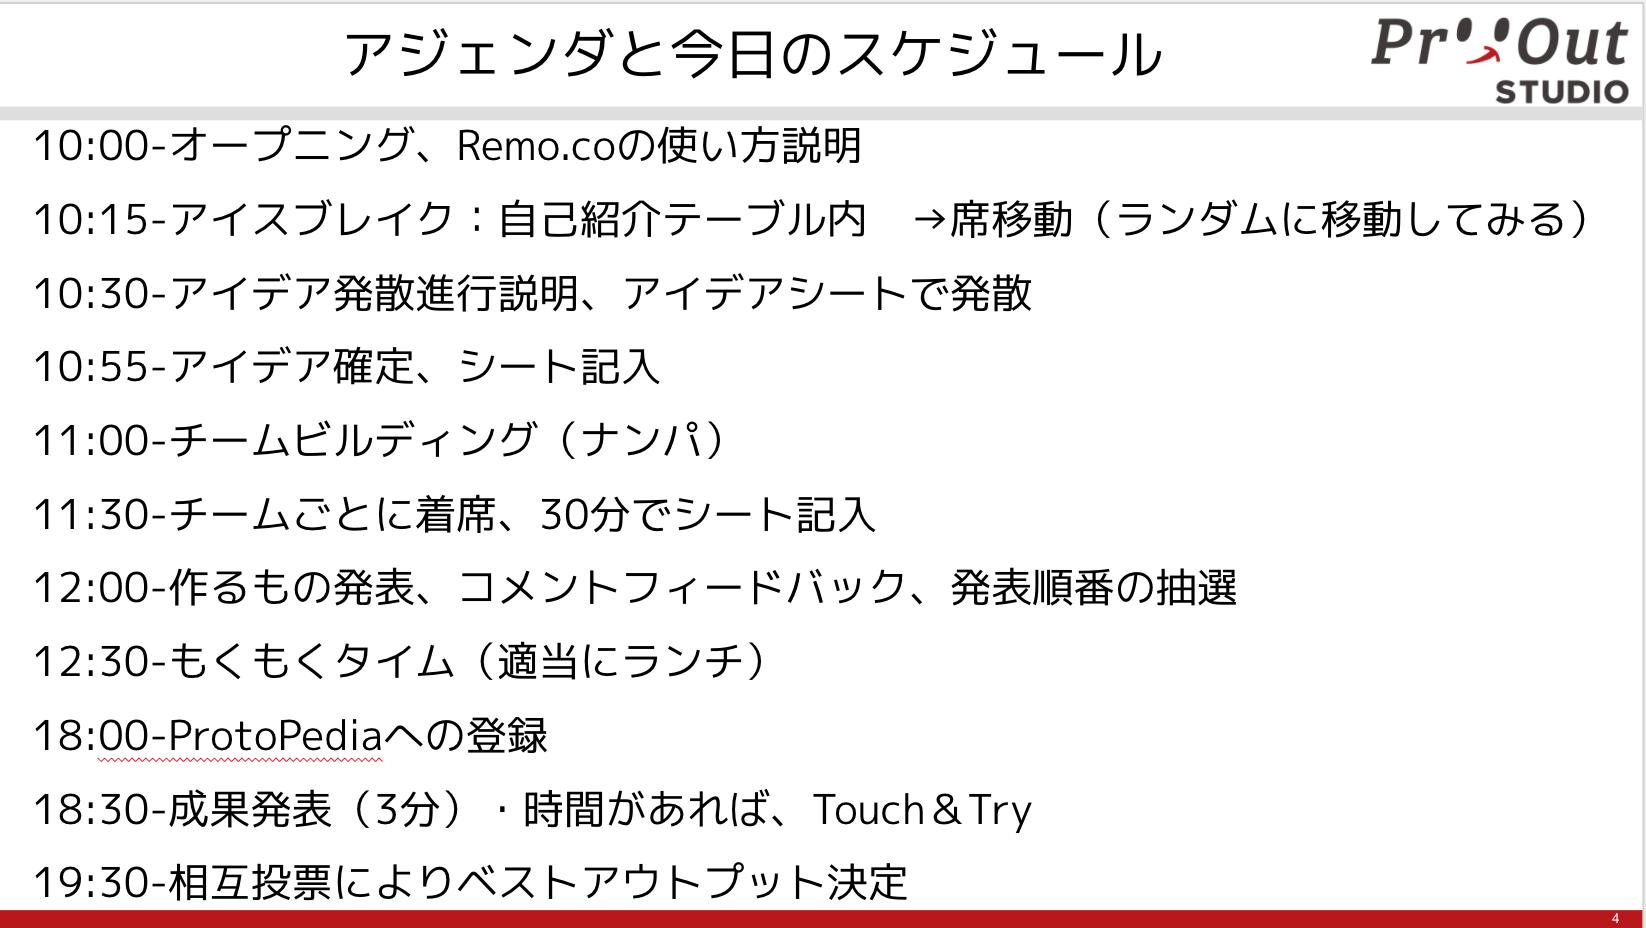 スクリーンショット 2020-04-27 12.43.42.png